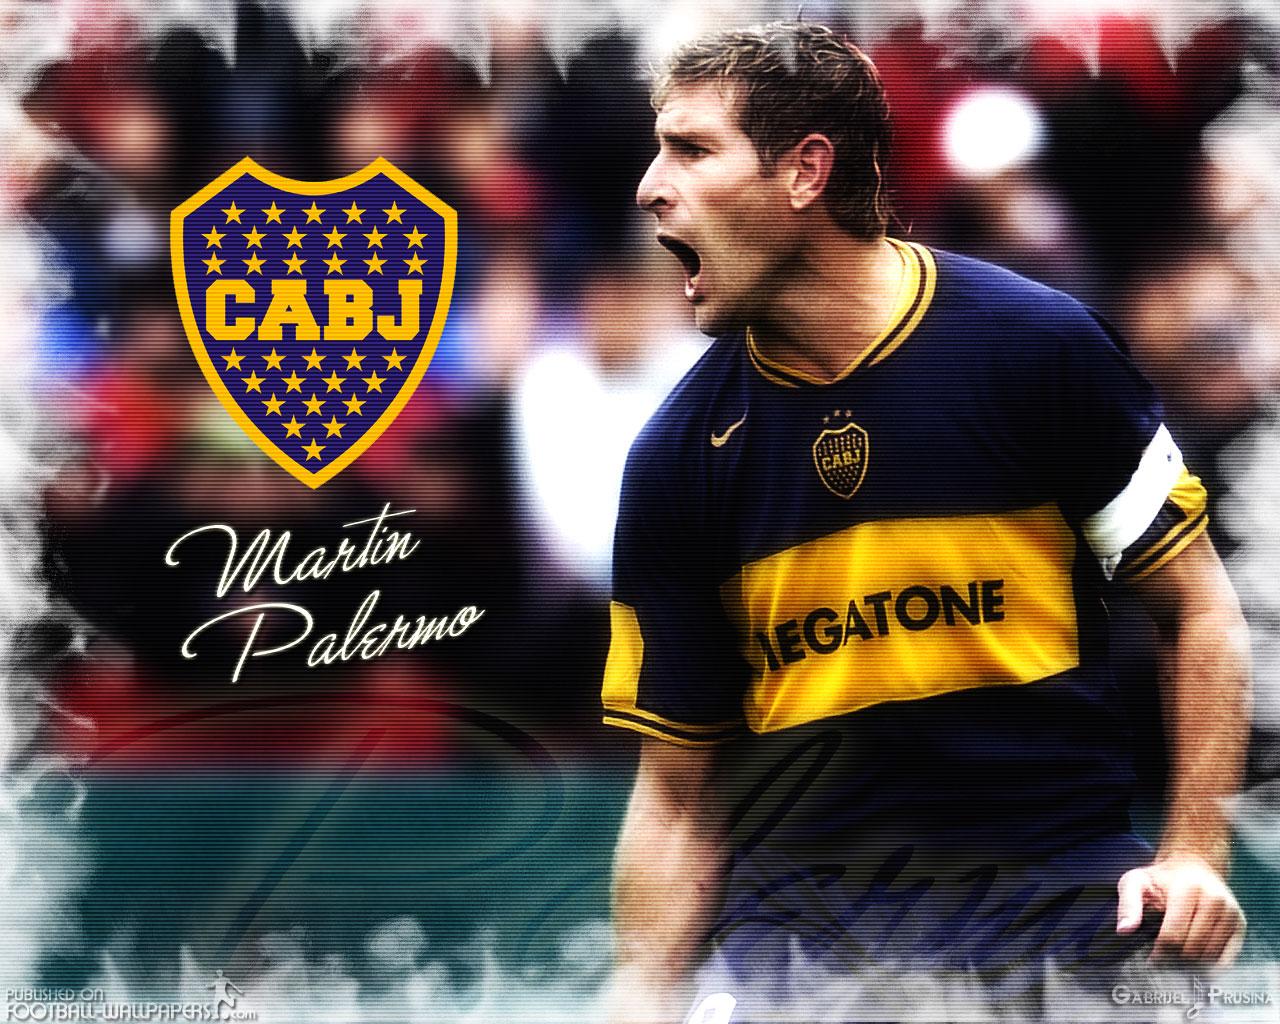 Martín Palermo - Máximo Goleador en la Historia del CABJ.